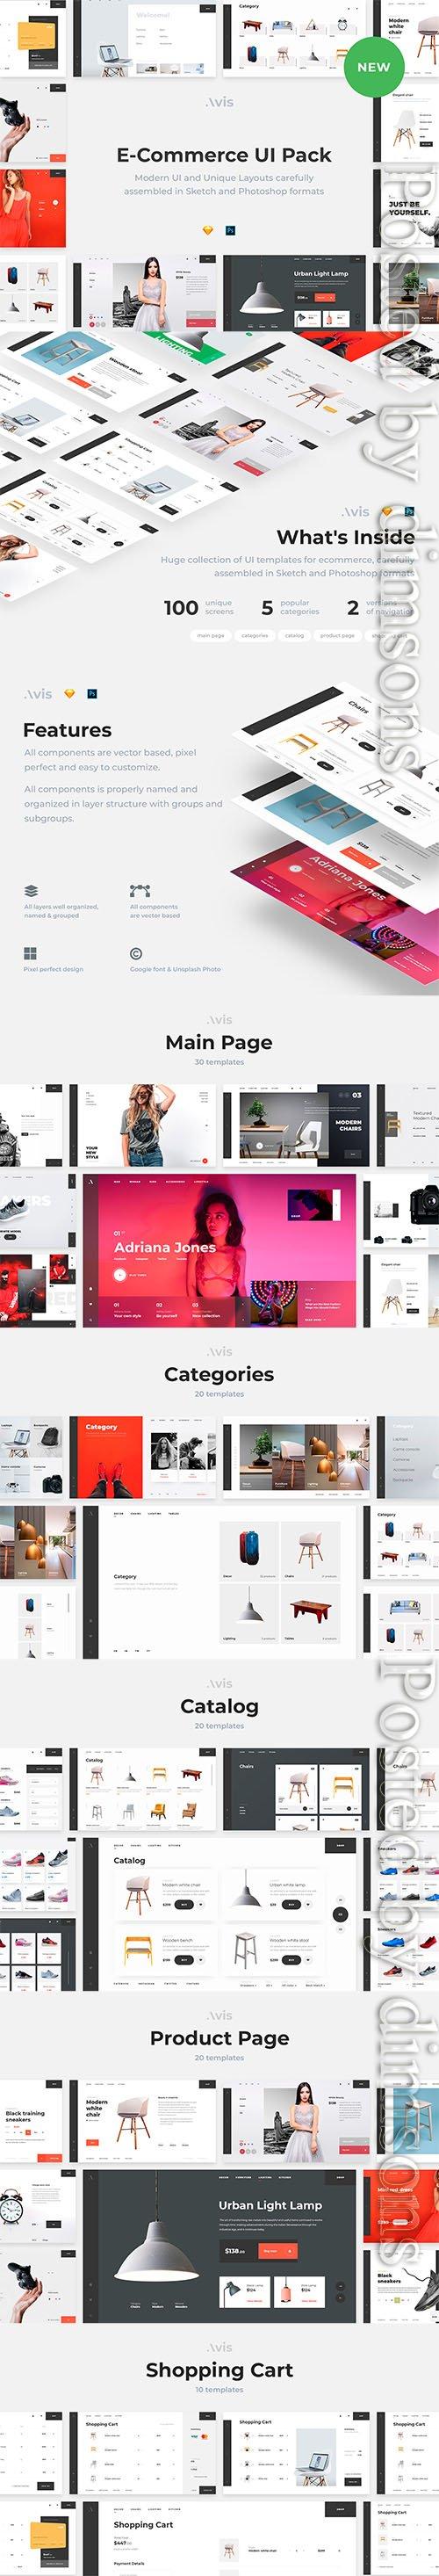 Avis - E-Commerce UI Pack